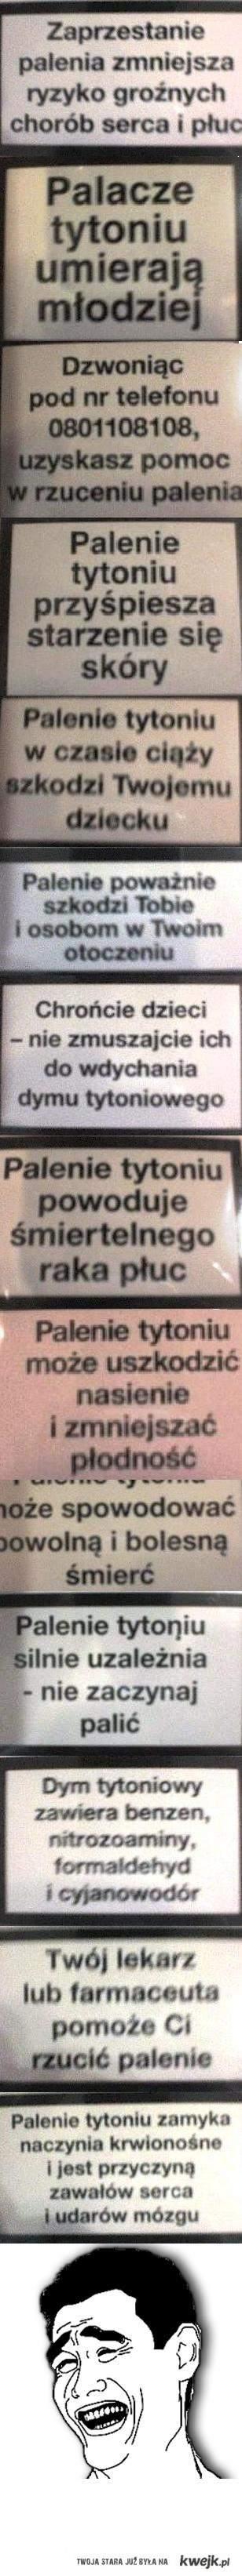 palenie?